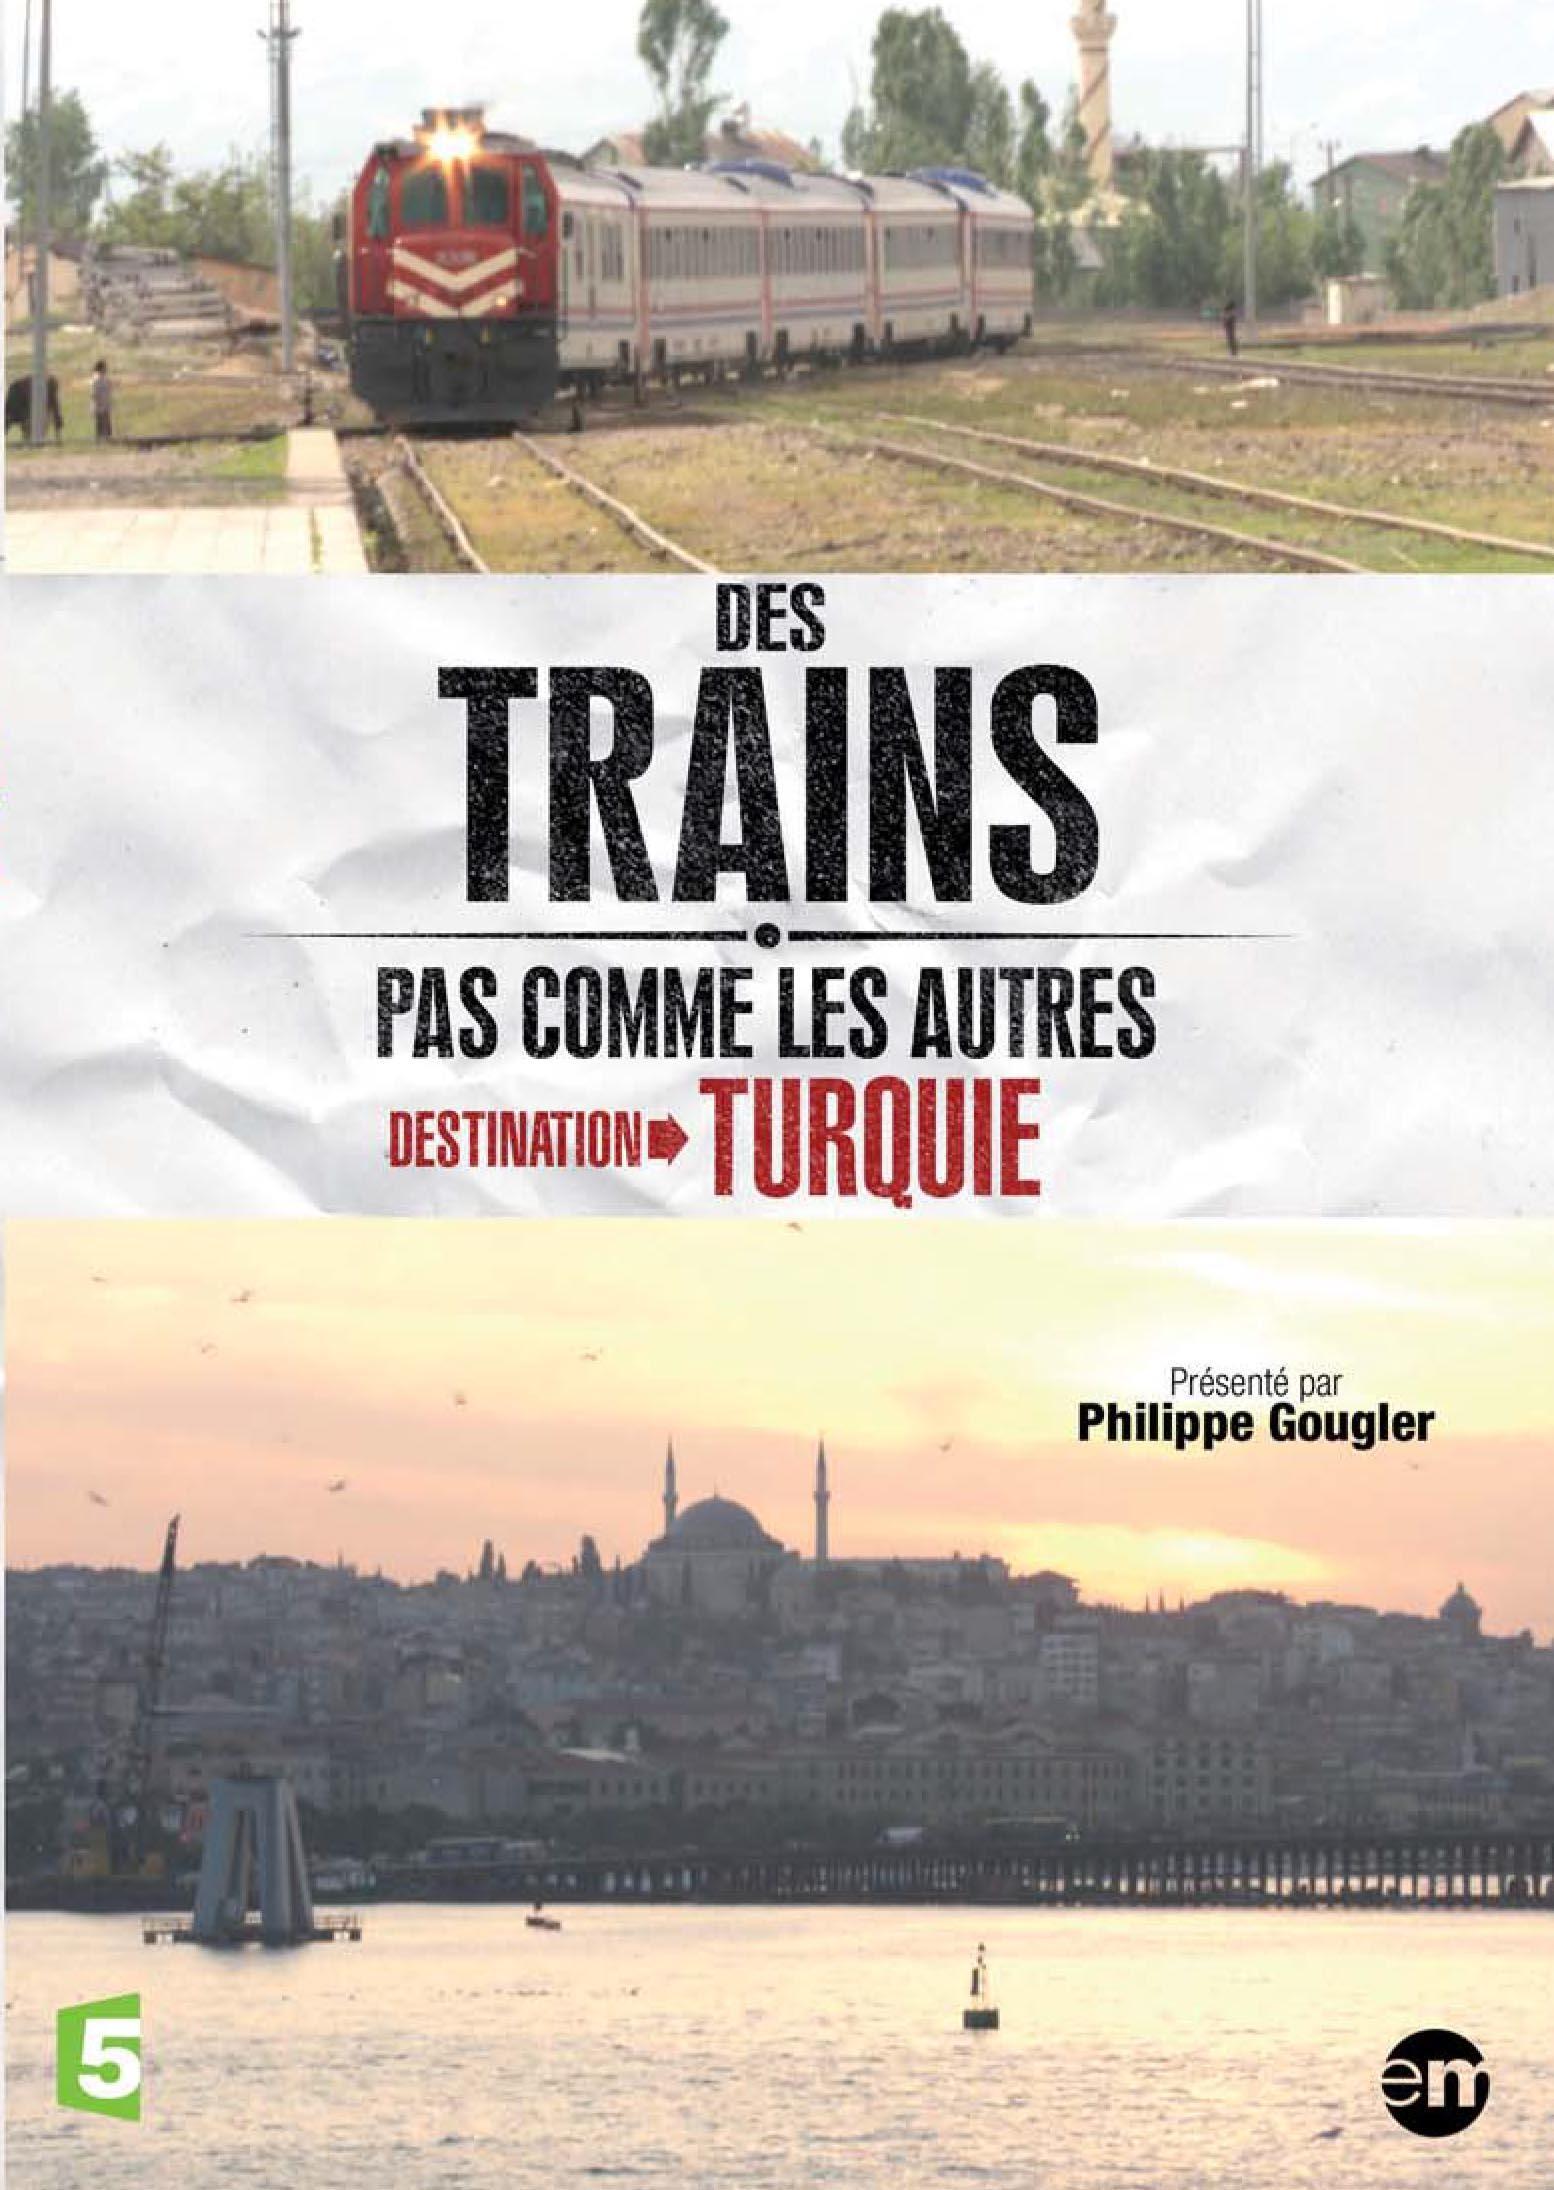 Destination turquie - des trains pas comme les autres - dvd